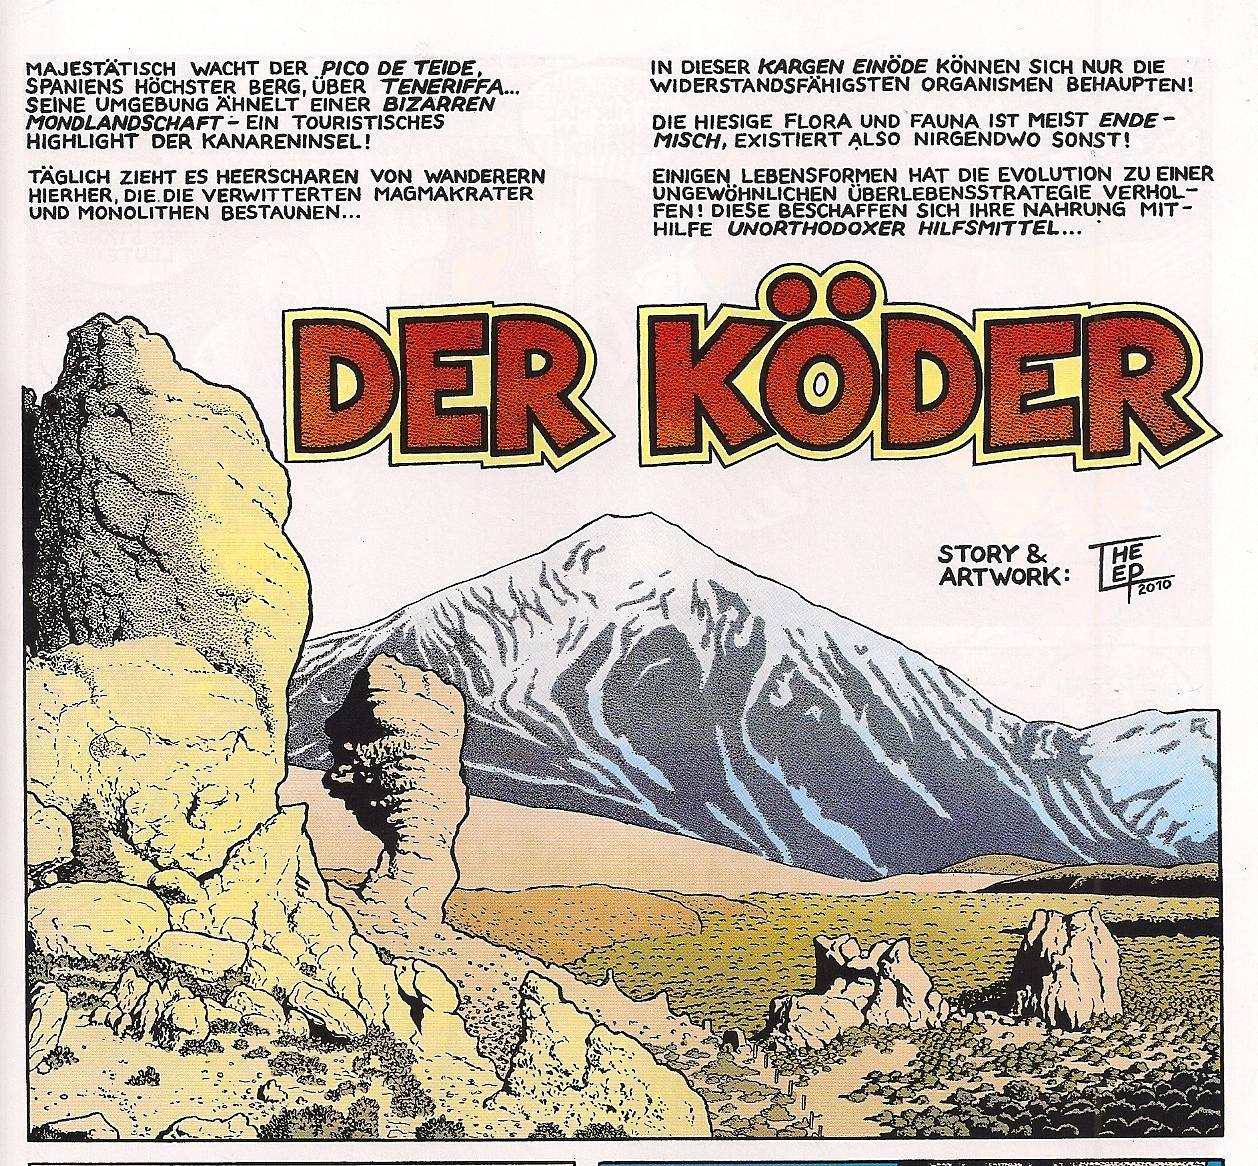 Weissblech Comics The Lep Der Köder